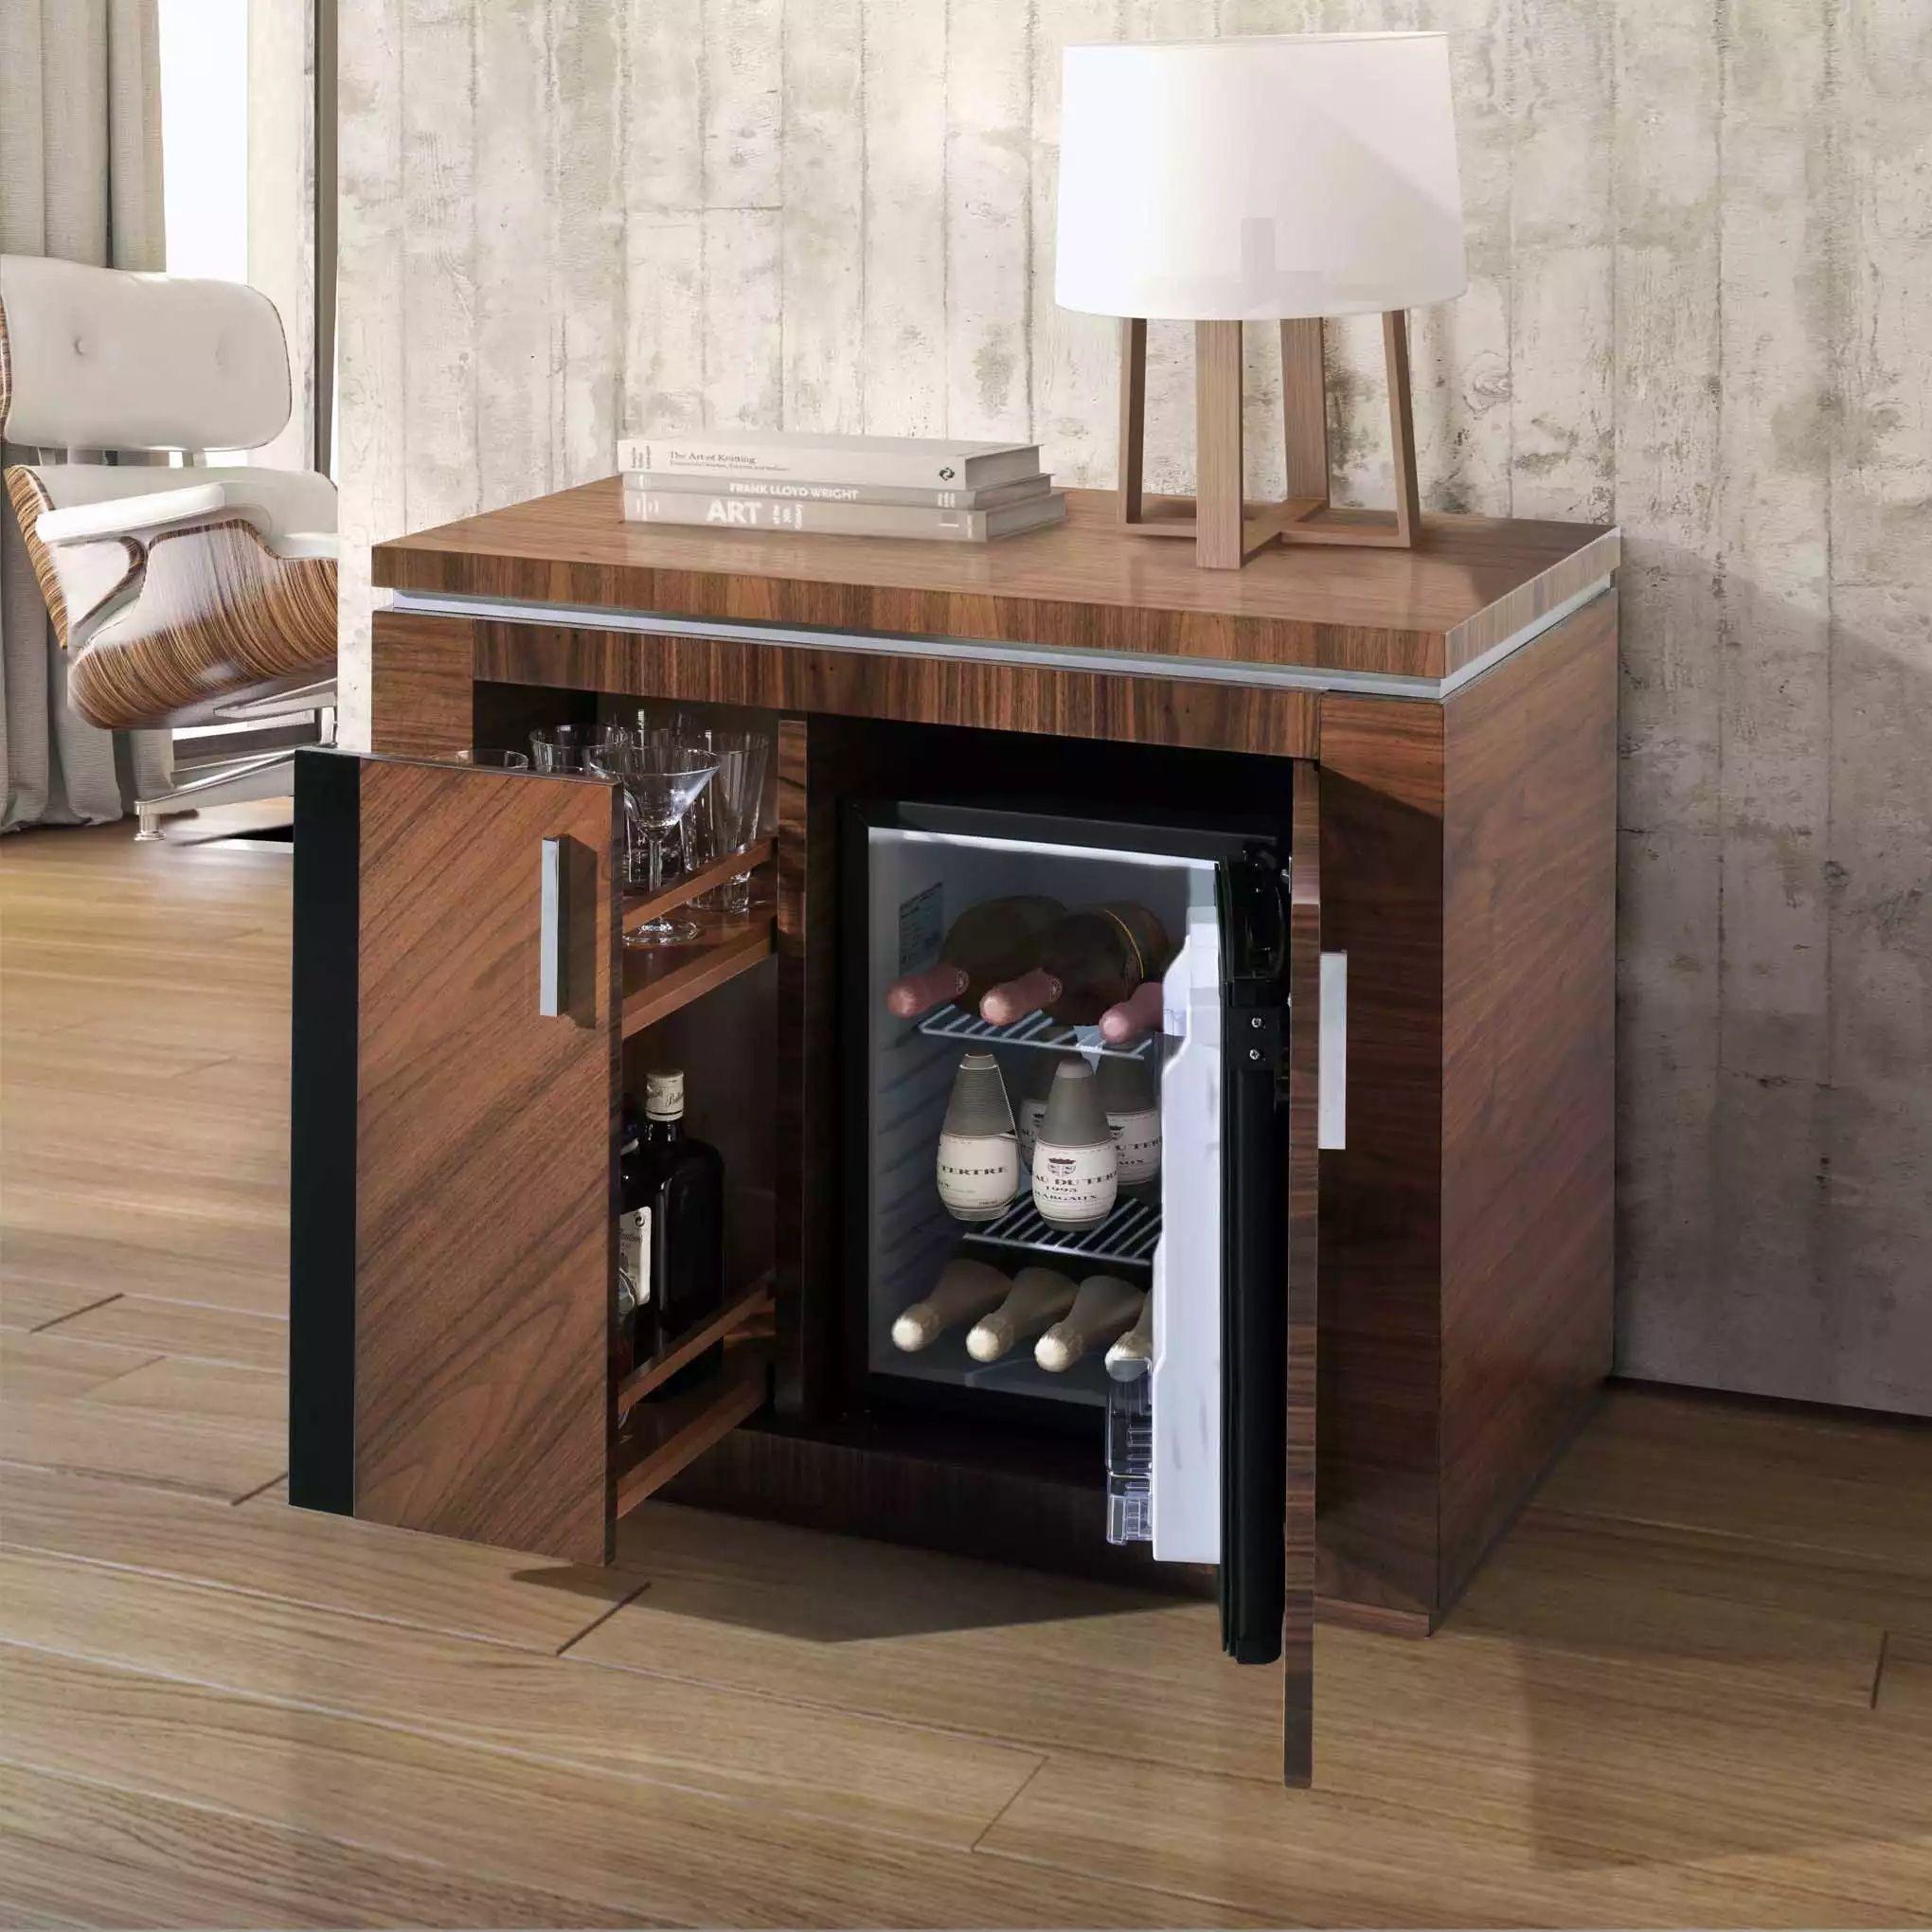 Este mueble italiano me recuerda al cabinet solo que mas moderno por el hecho de tener un - Mueble barra bar ...